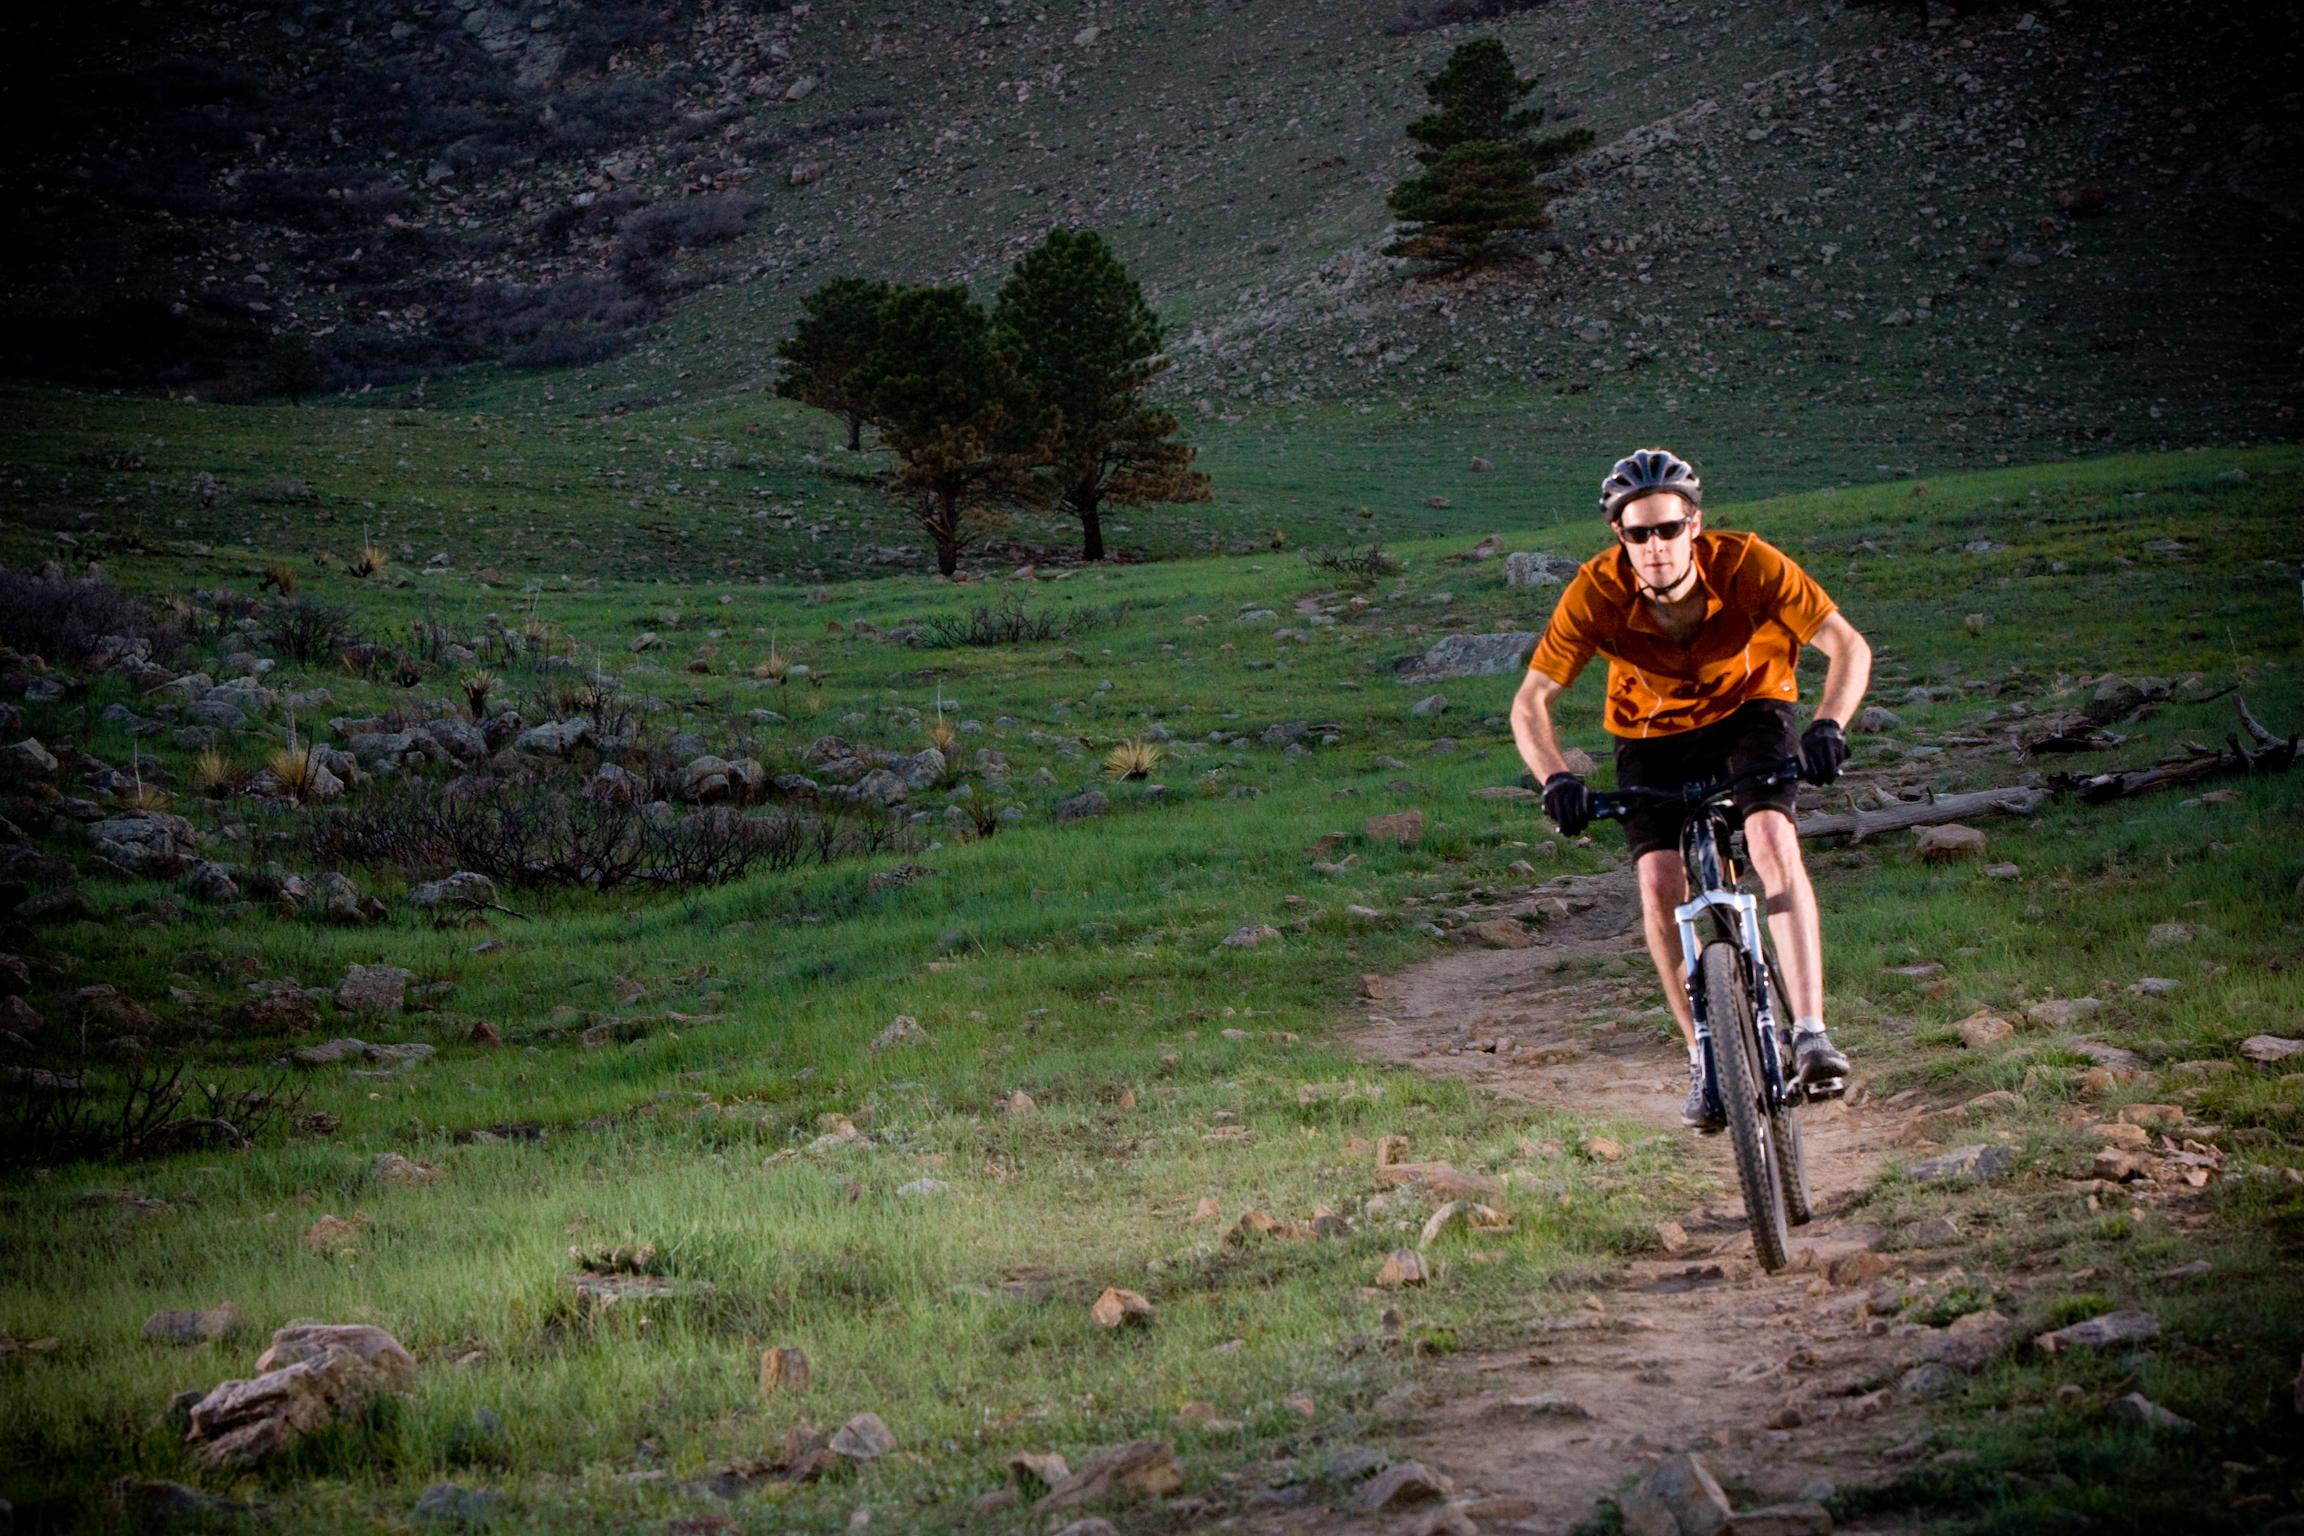 Solano_Boulder_Biking_0409_0323_L.jpg